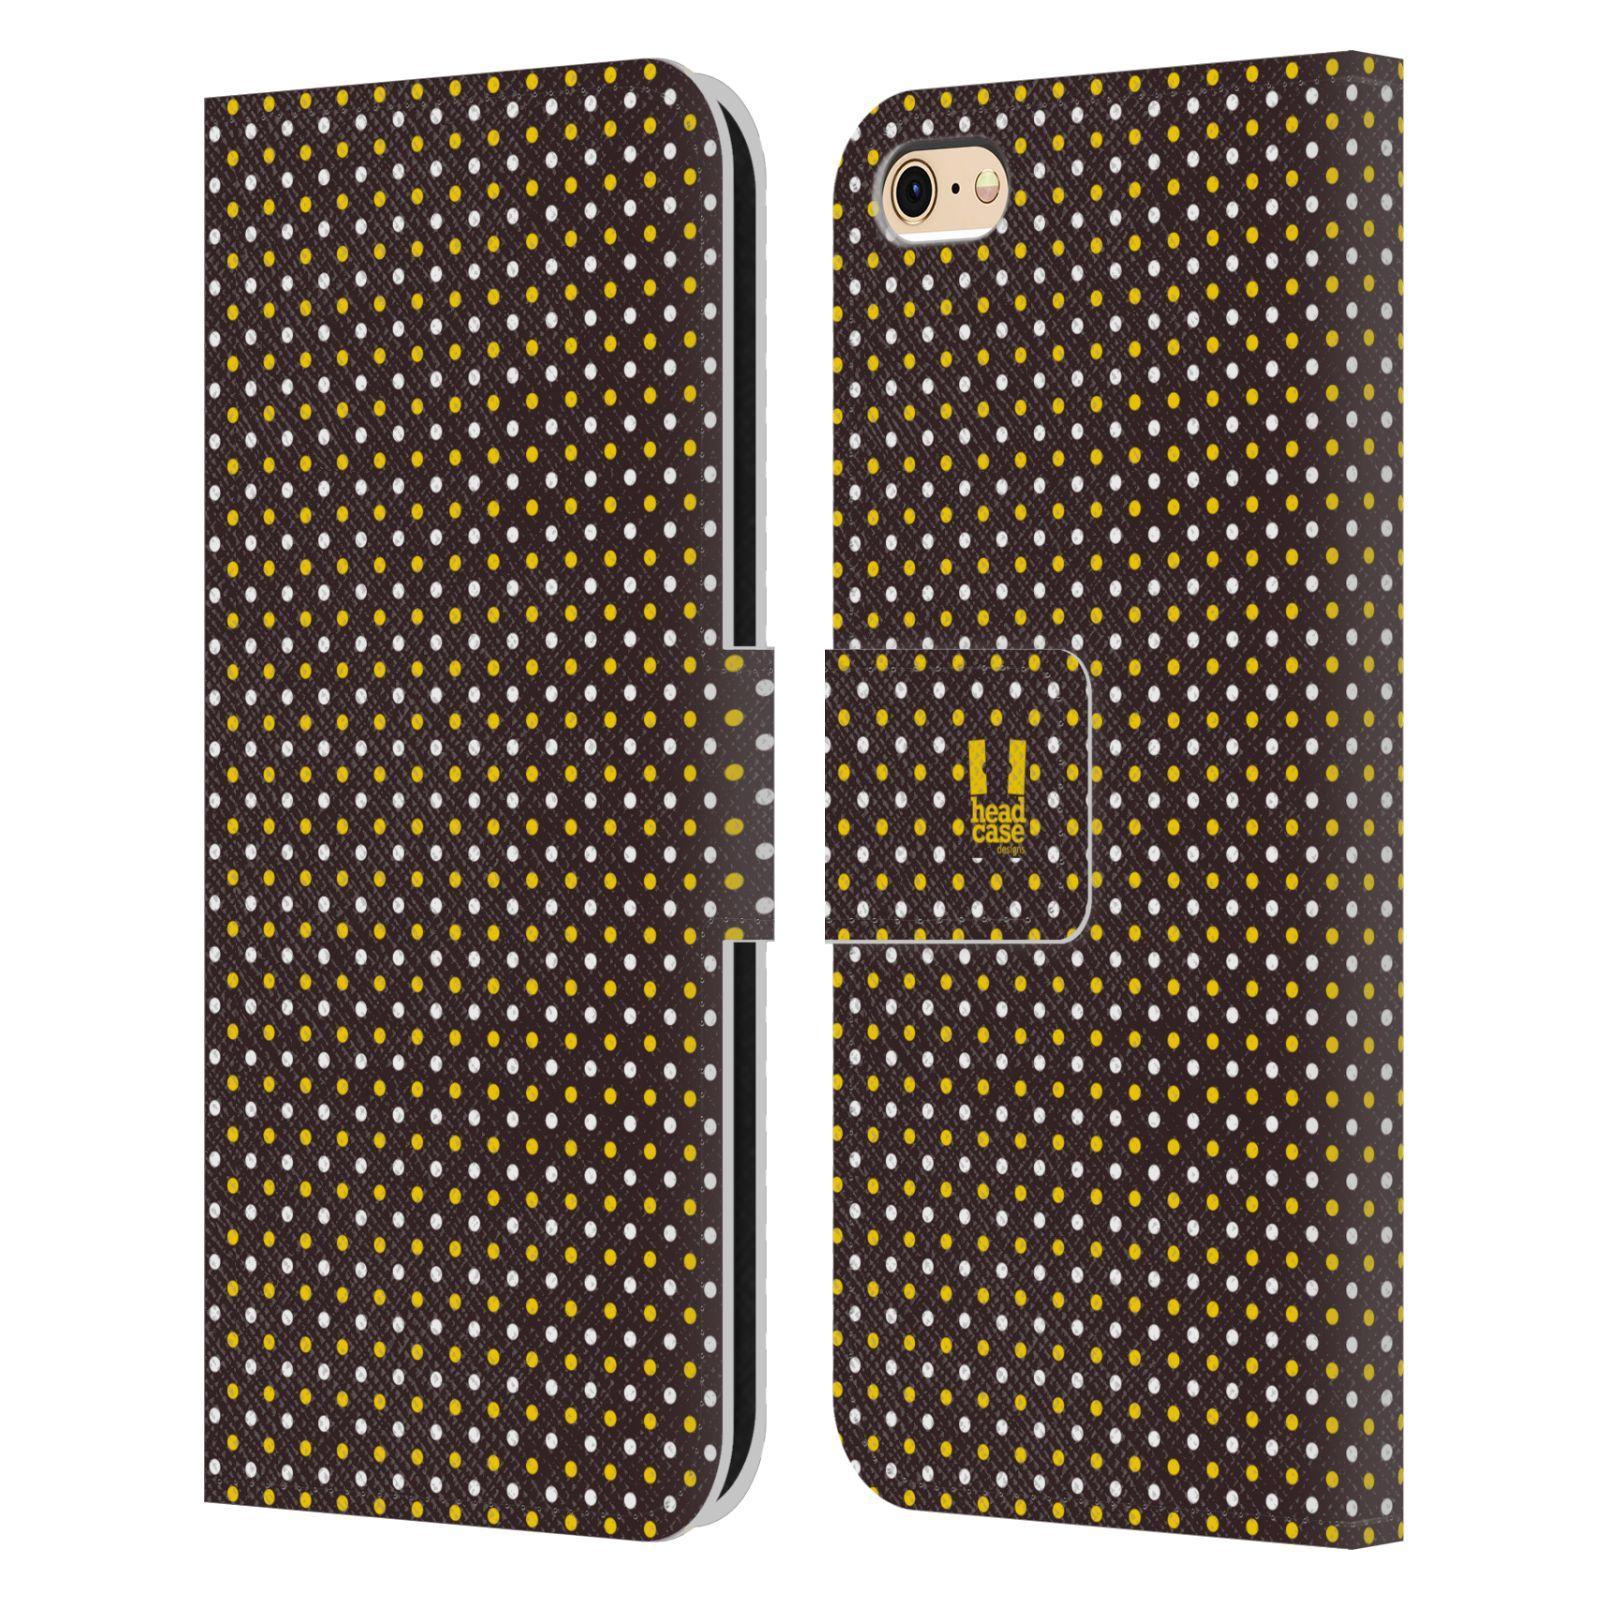 HEAD CASE Flipové pouzdro pro mobil Apple Iphone 6/6s VČELÍ VZOR puntíky hnědá a žlutá